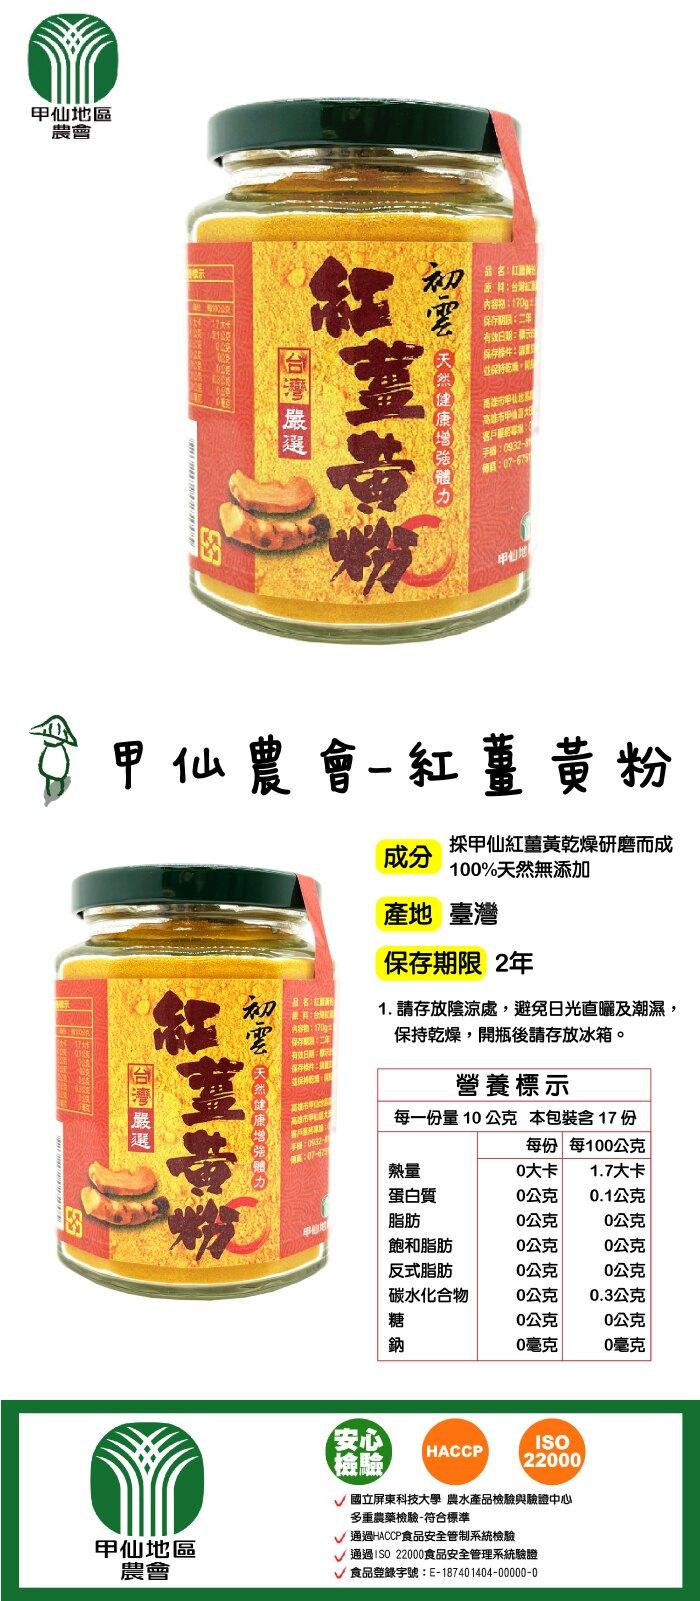 【甲仙農會】初雲紅薑黃粉170g/罐